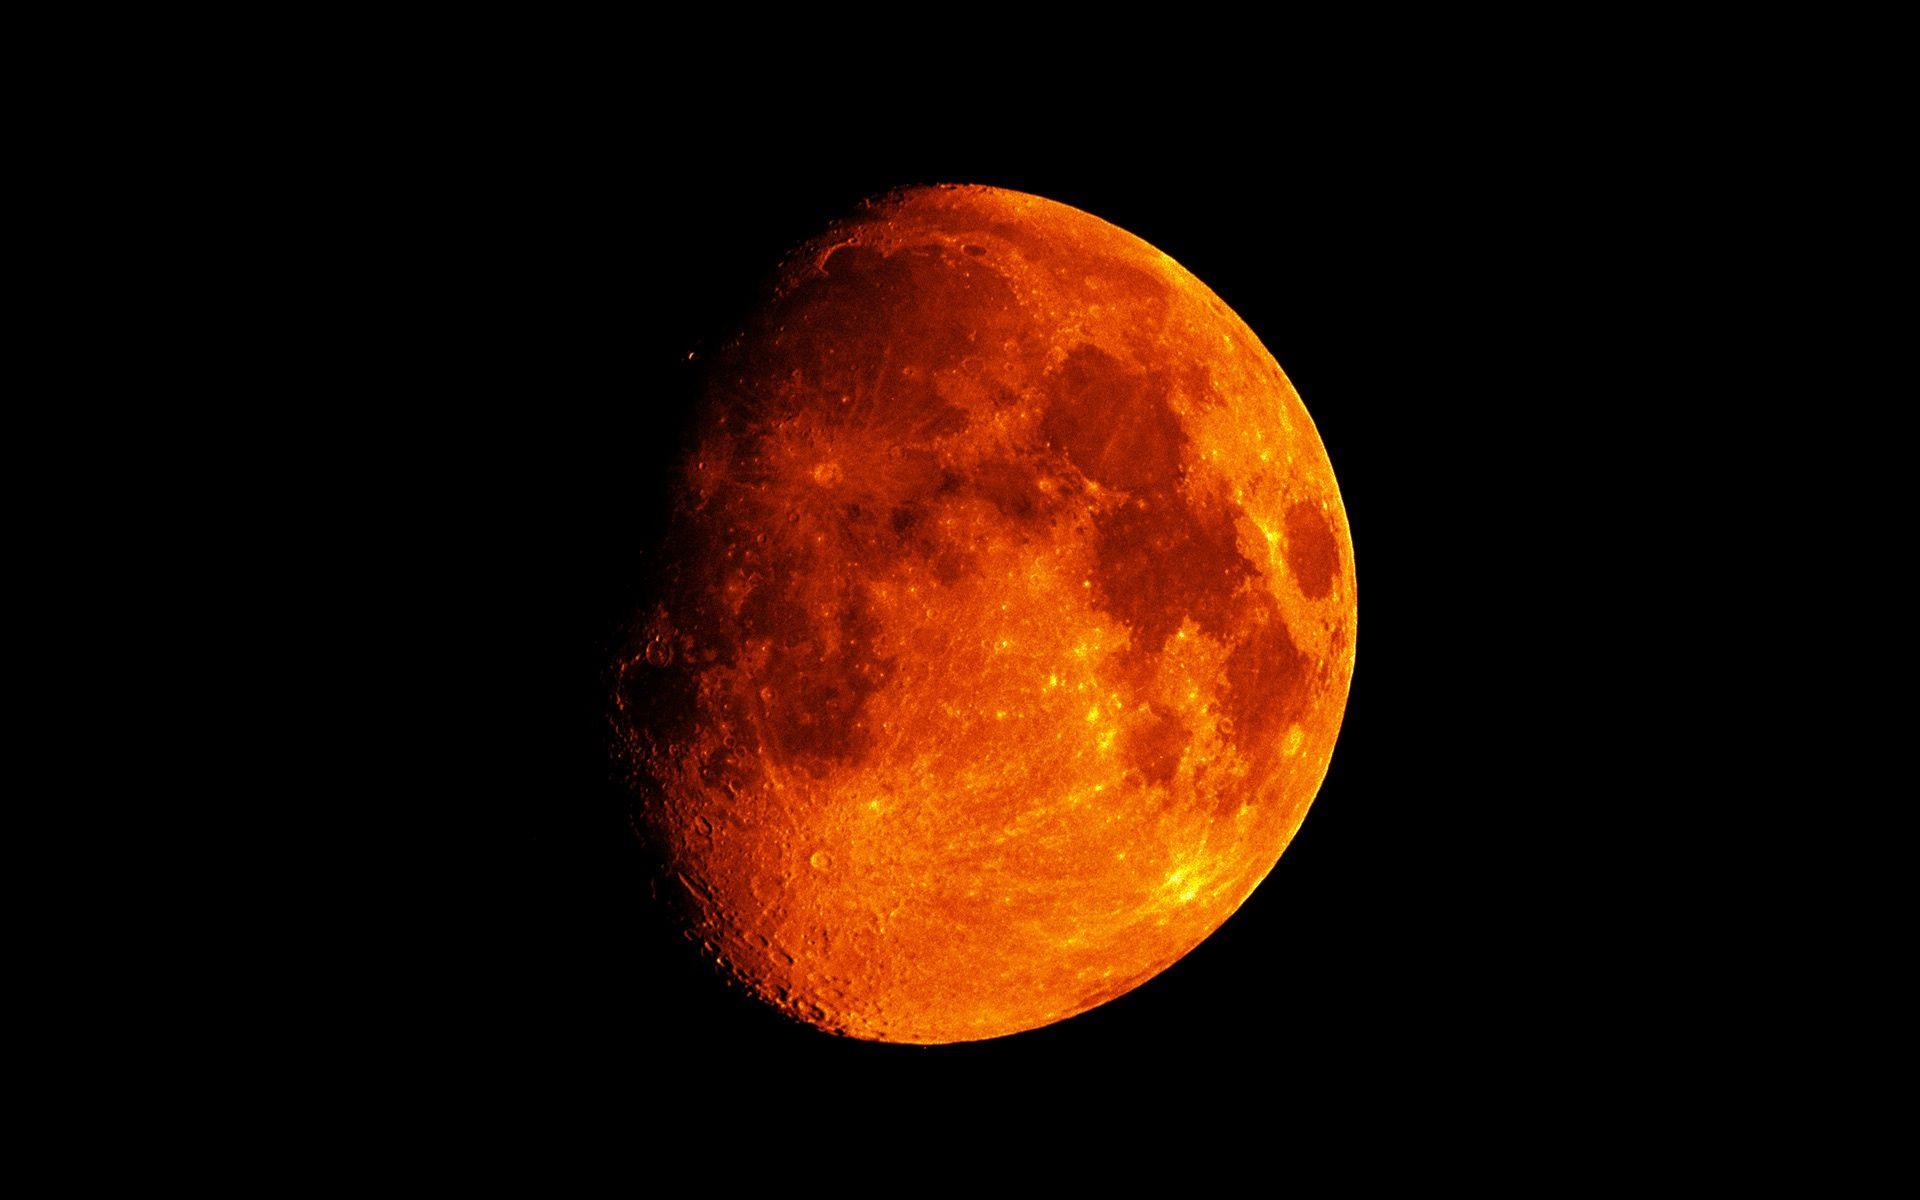 Картинки оранжевой планеты